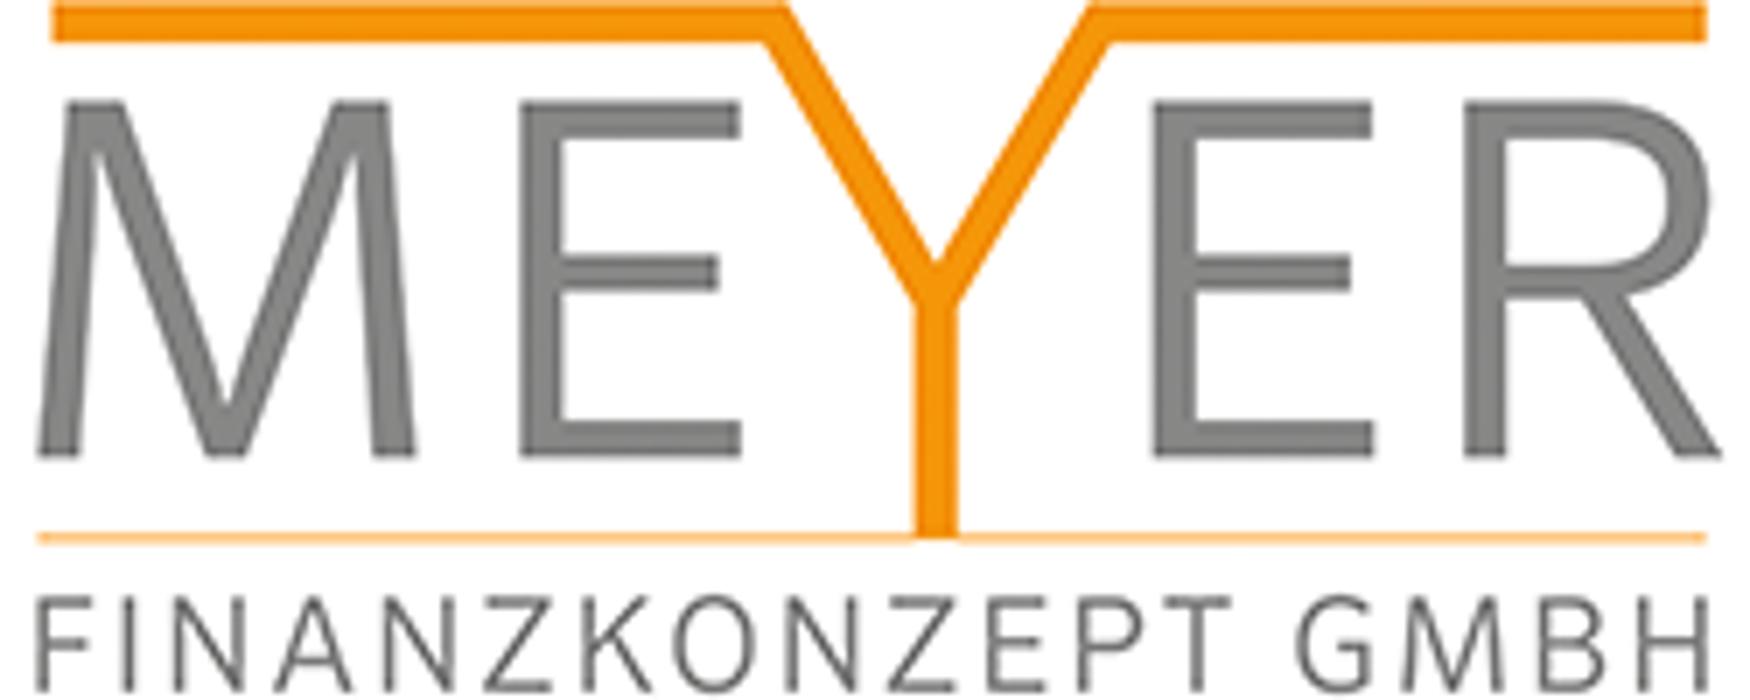 Bild zu Meyer Finanzkonzept GmbH in Dornburg in Hessen